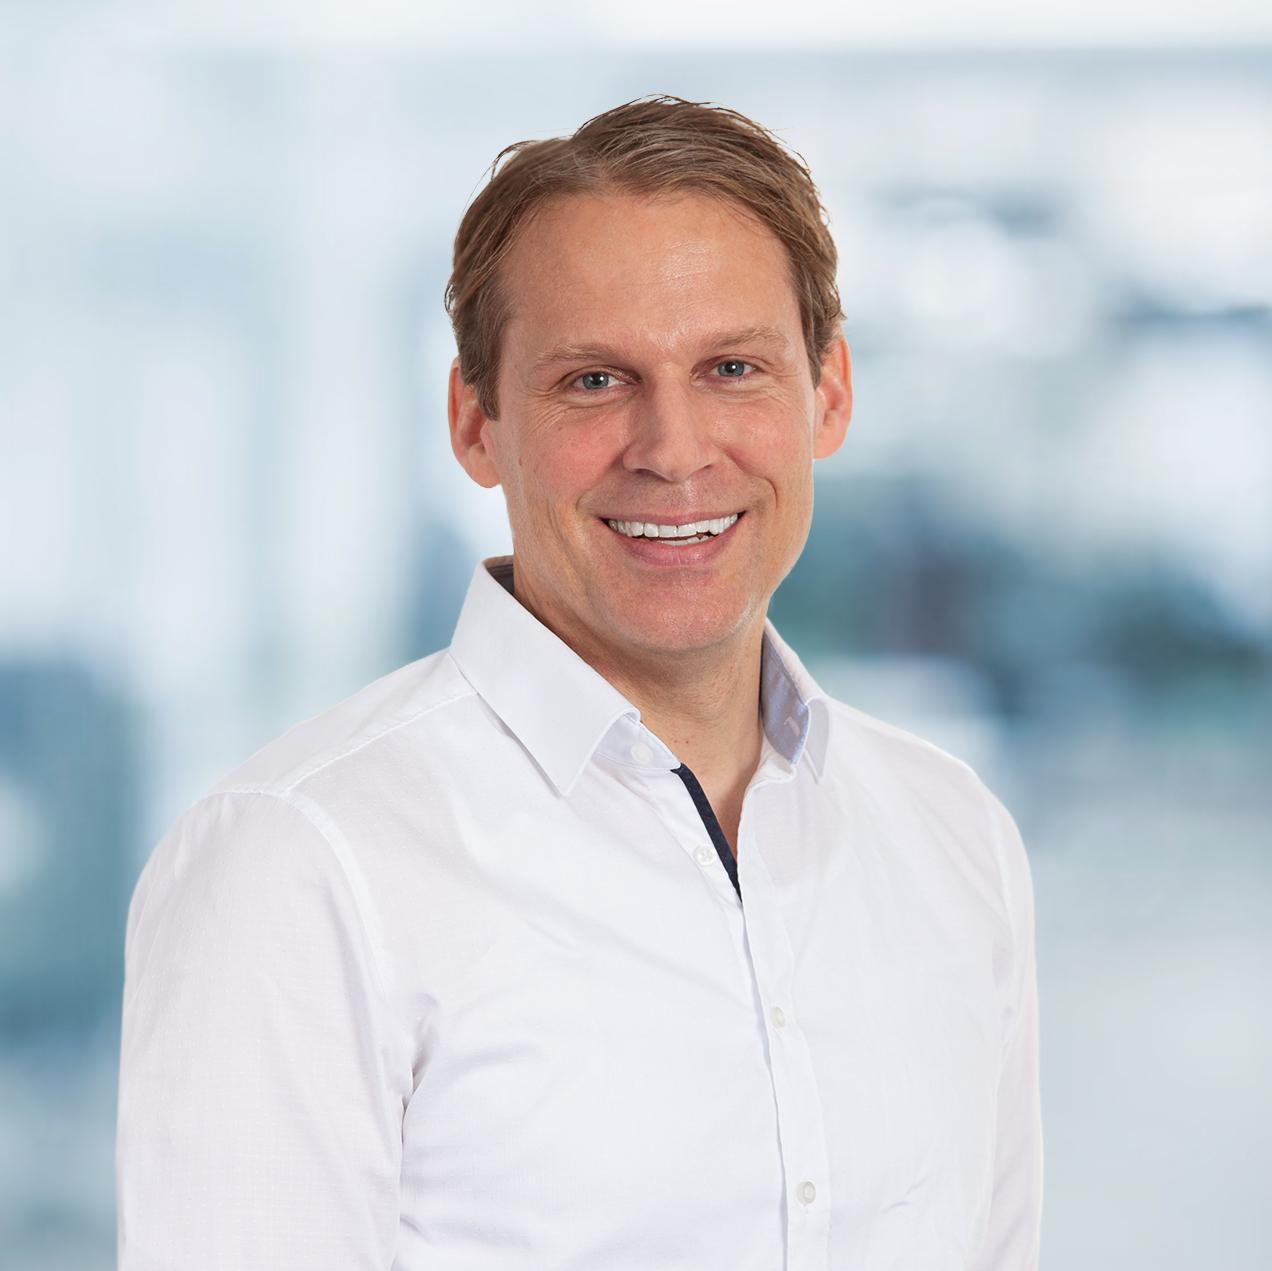 Philipp Sprecher, CEO insgin gmbh